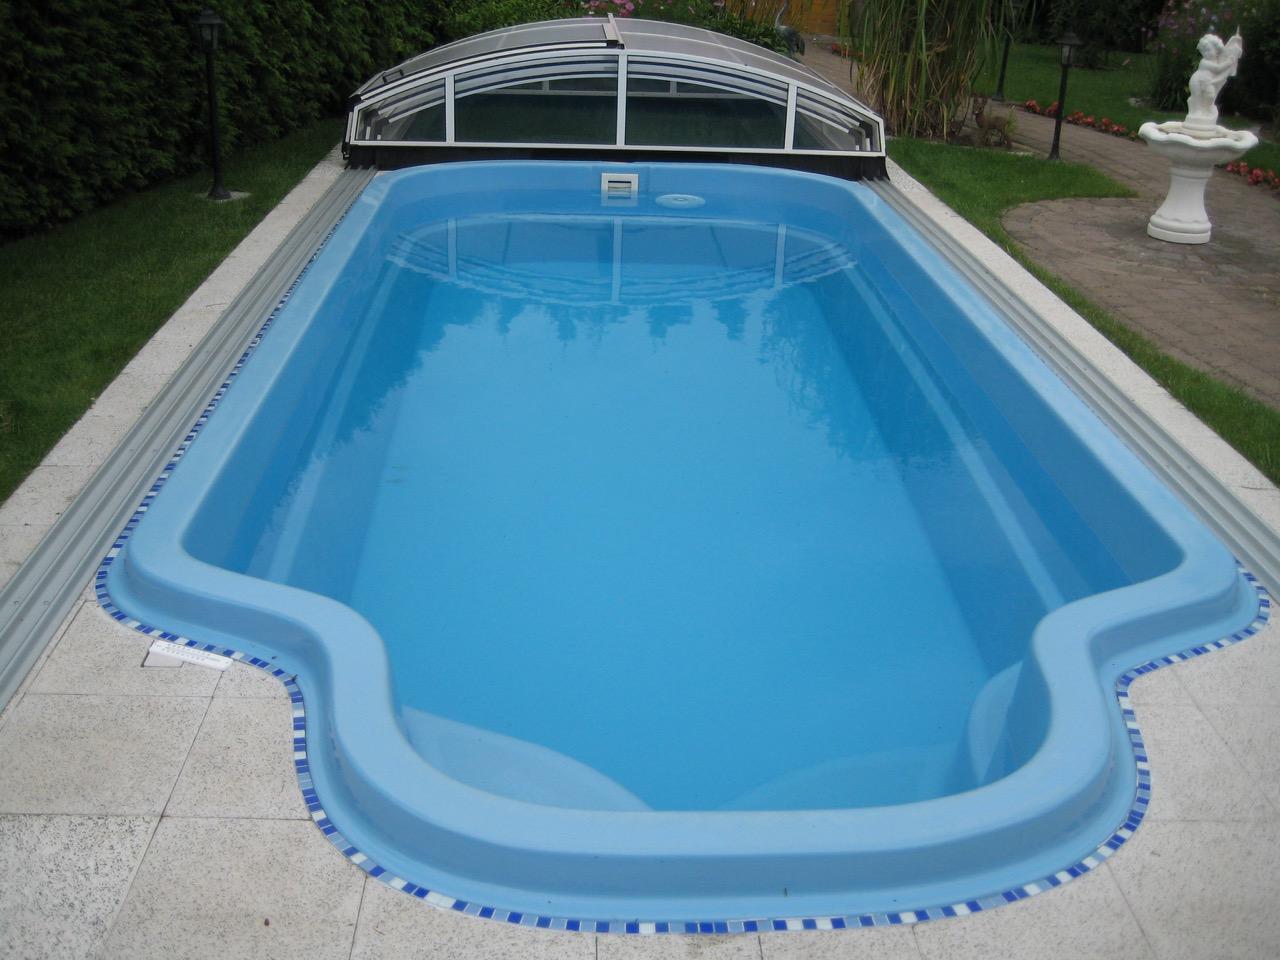 Schwimmbecken polyesterbecken for Schwimmbecken polyester